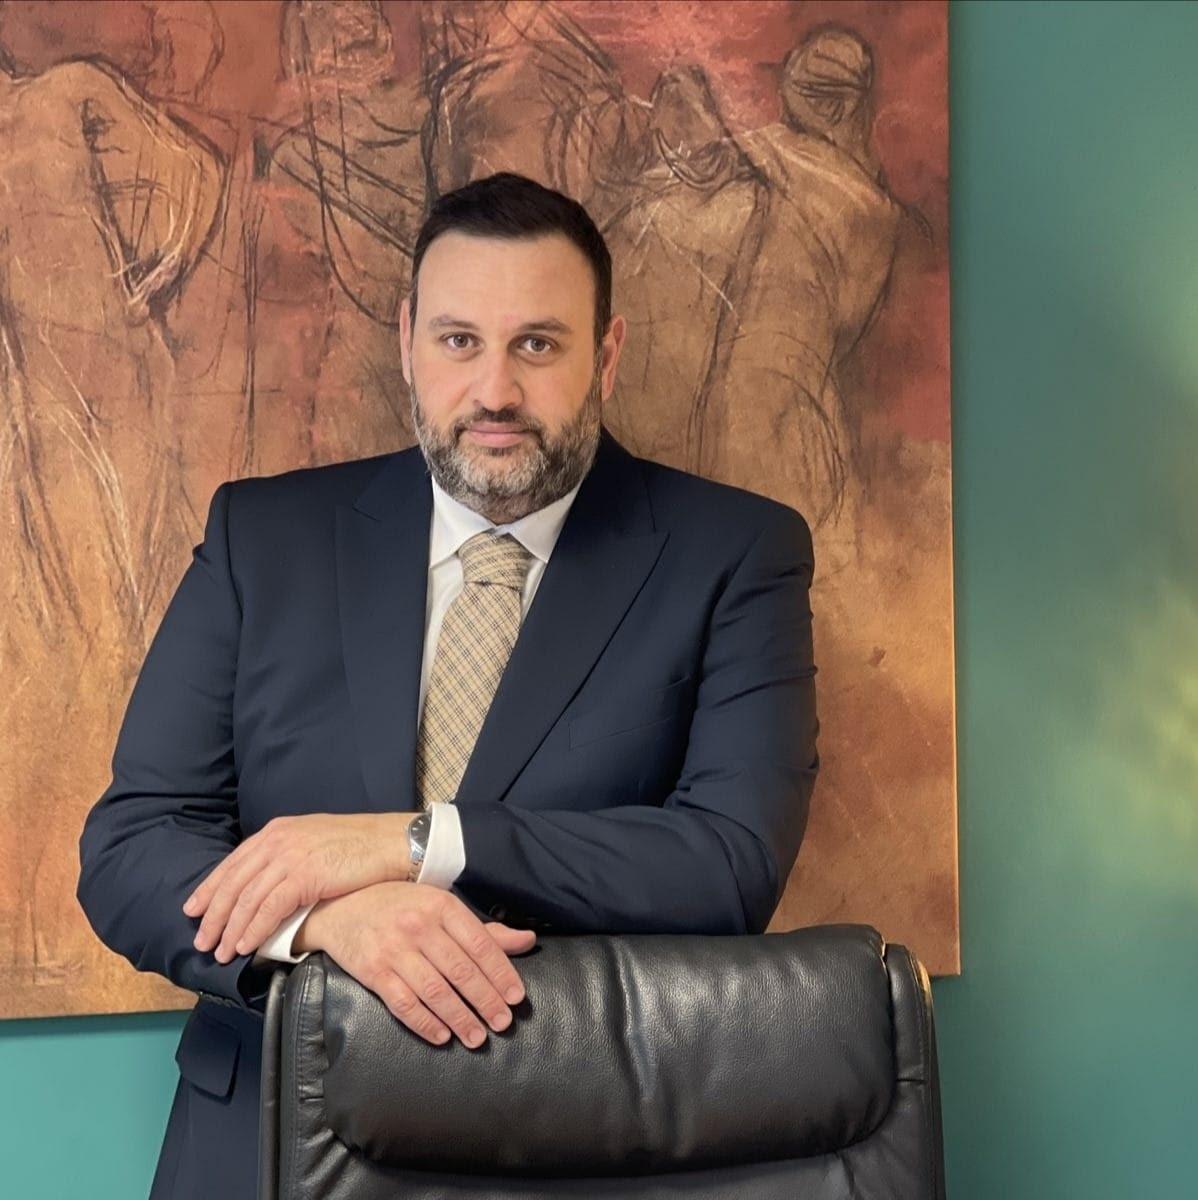 Ο Αλέξανδρος Δεσποτόπουλος, Διεθνολόγος αρθρογραφεί στο greekschannel.